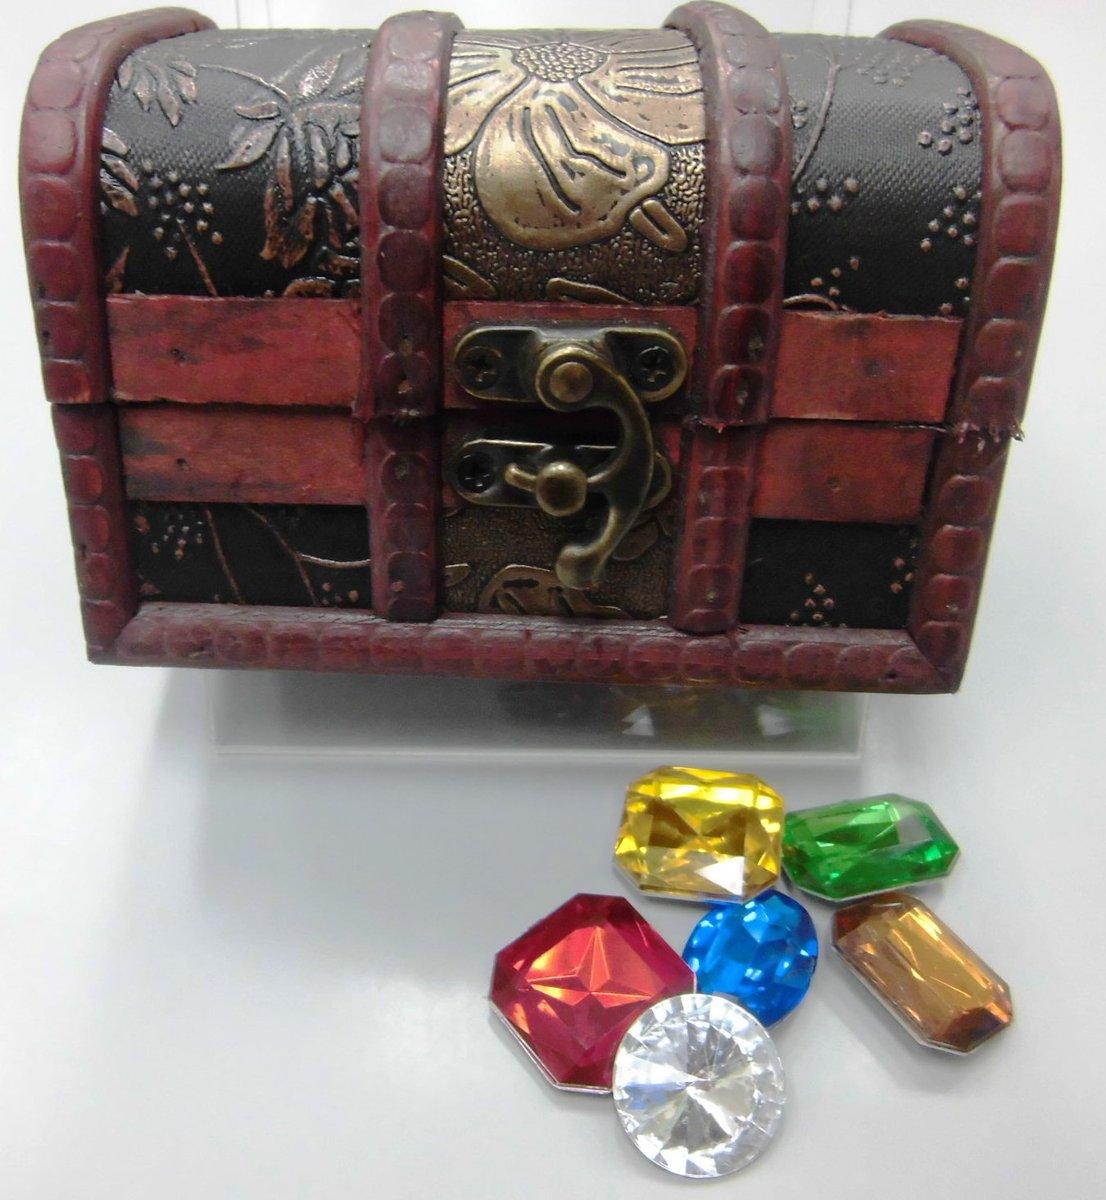 ゲームマーケット2016春で出品されておりました『キラキラ宝石セット』入荷いたしました! 豪華な箱の中に白、青、緑など6色の宝石が計40個入っています。 TRPGはもちろん、ボードゲームでもご利用いただけそうですね! https://t.co/k2oJDdlgho